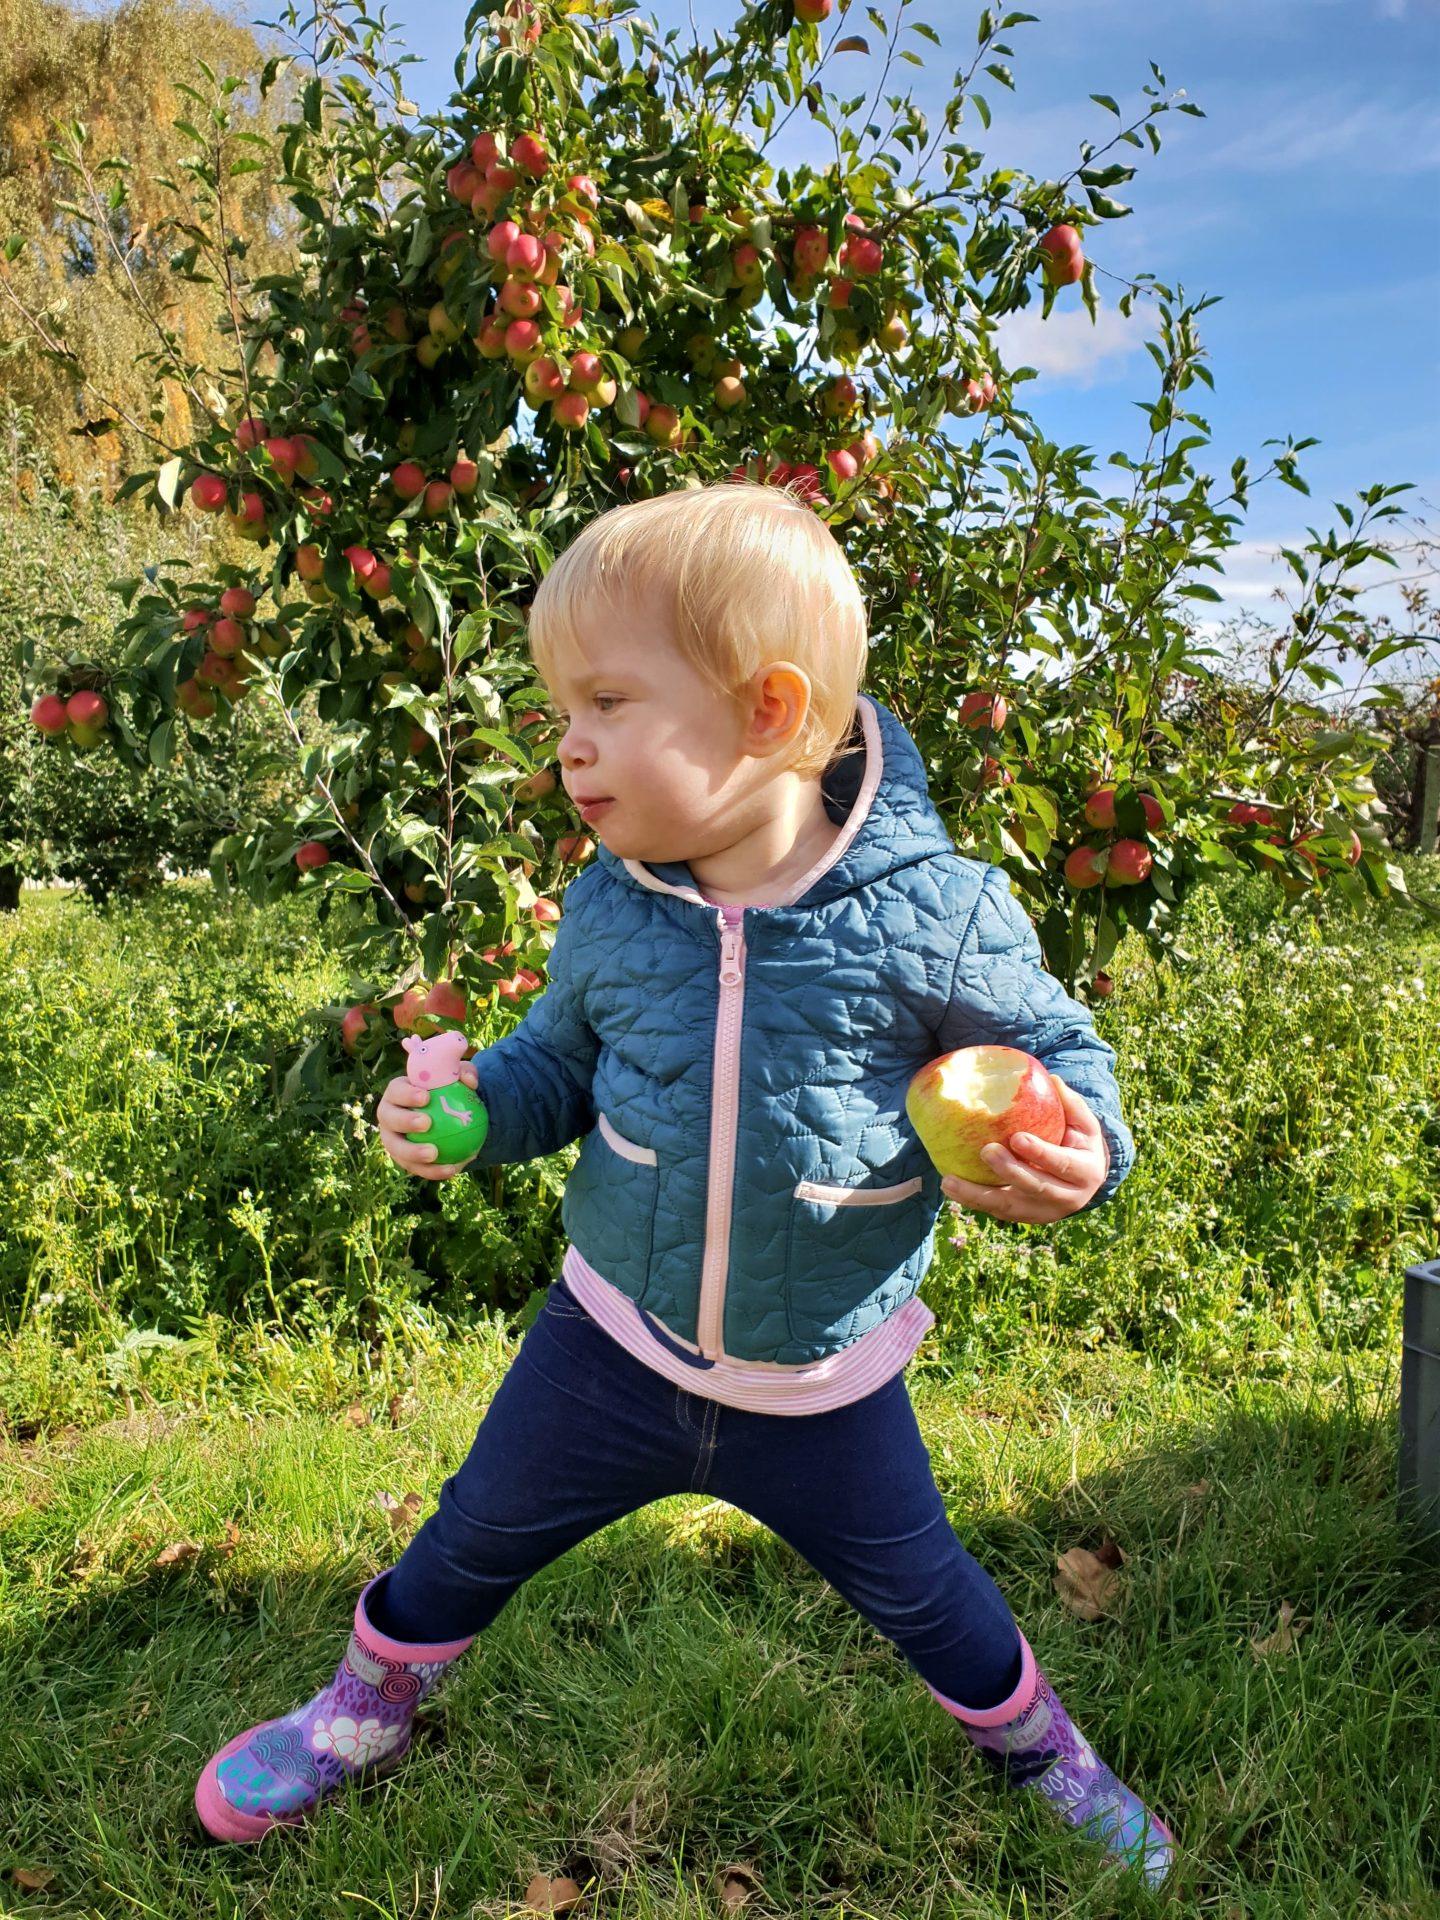 Toddler apple picking in Meopham, Kent